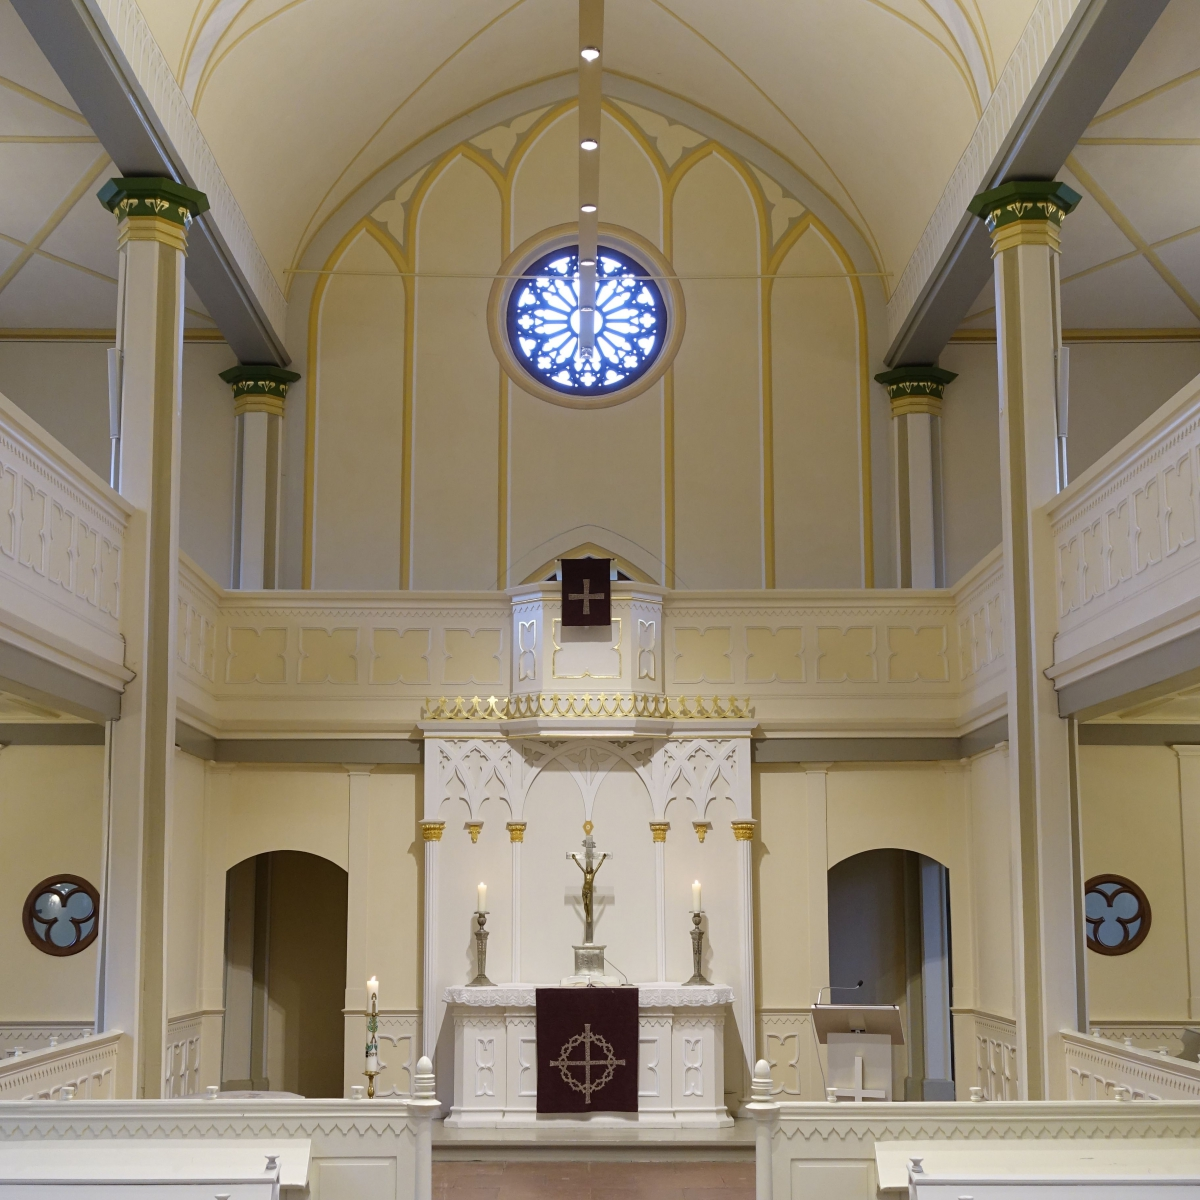 Liebfrauenkirche Woltorf - Energieeffiziente Beleuchtung einer Kirche im Stil des Spätklassizismus